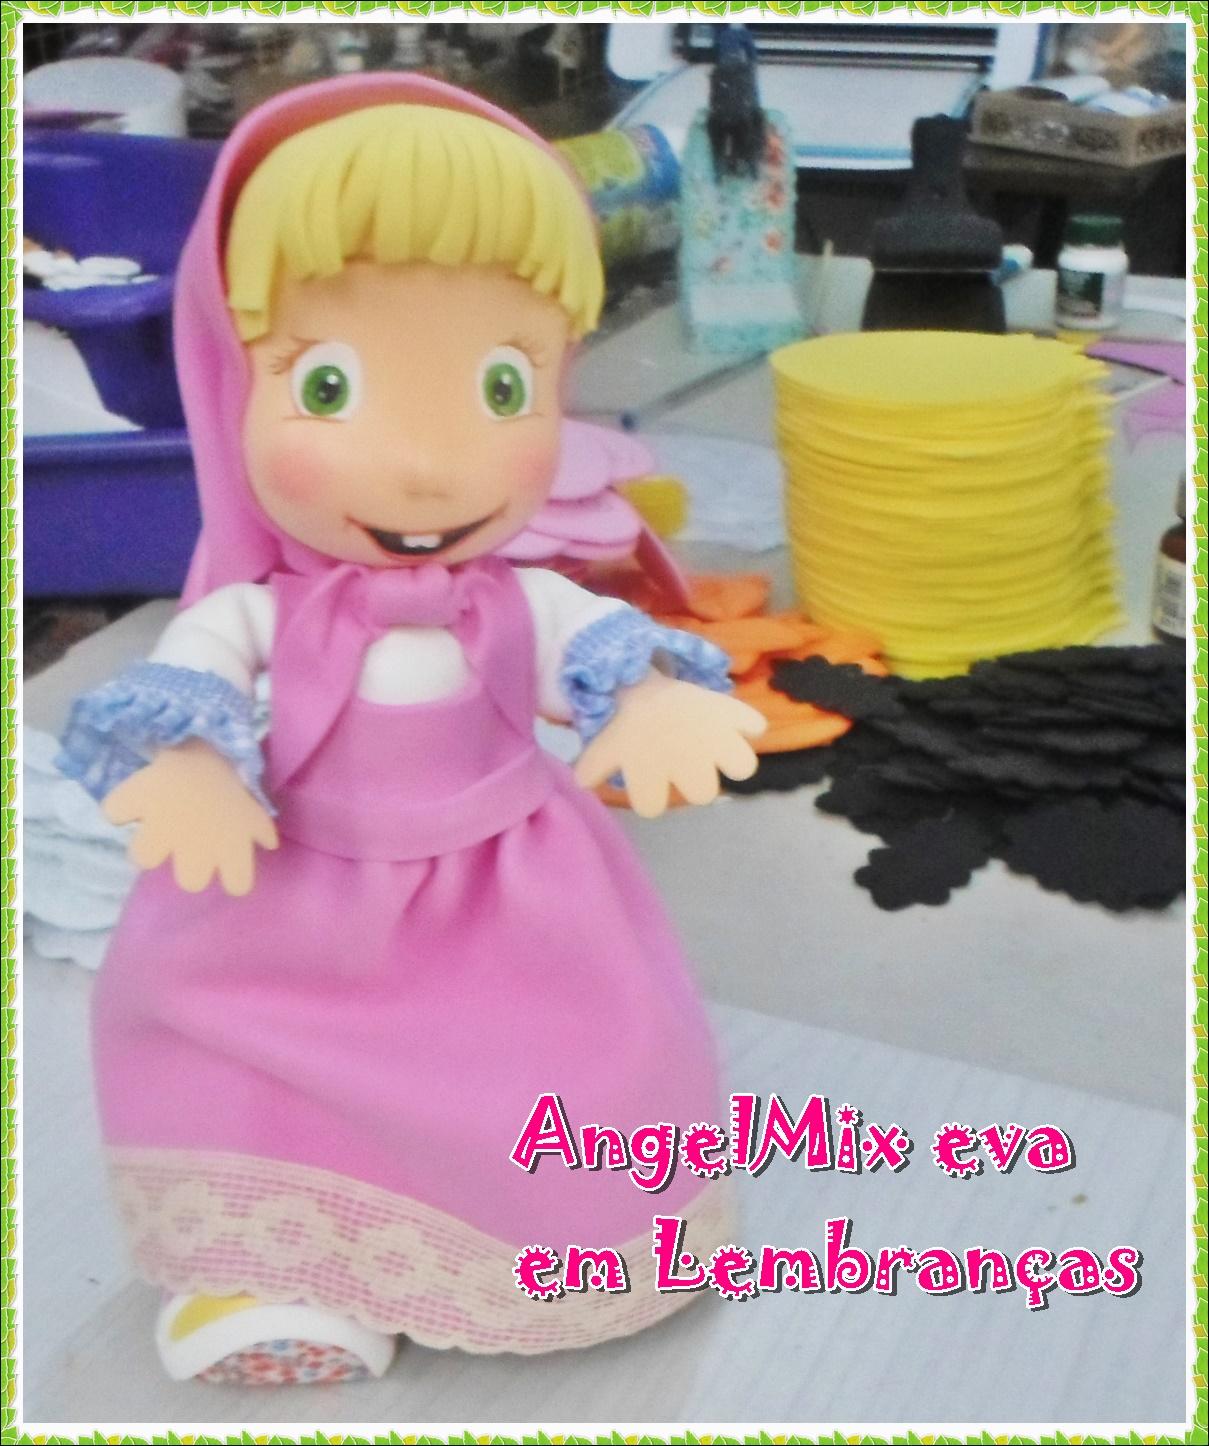 ecc6e60994 AngelMix e.v.a em lembranças  Marsha e o Urso em eva